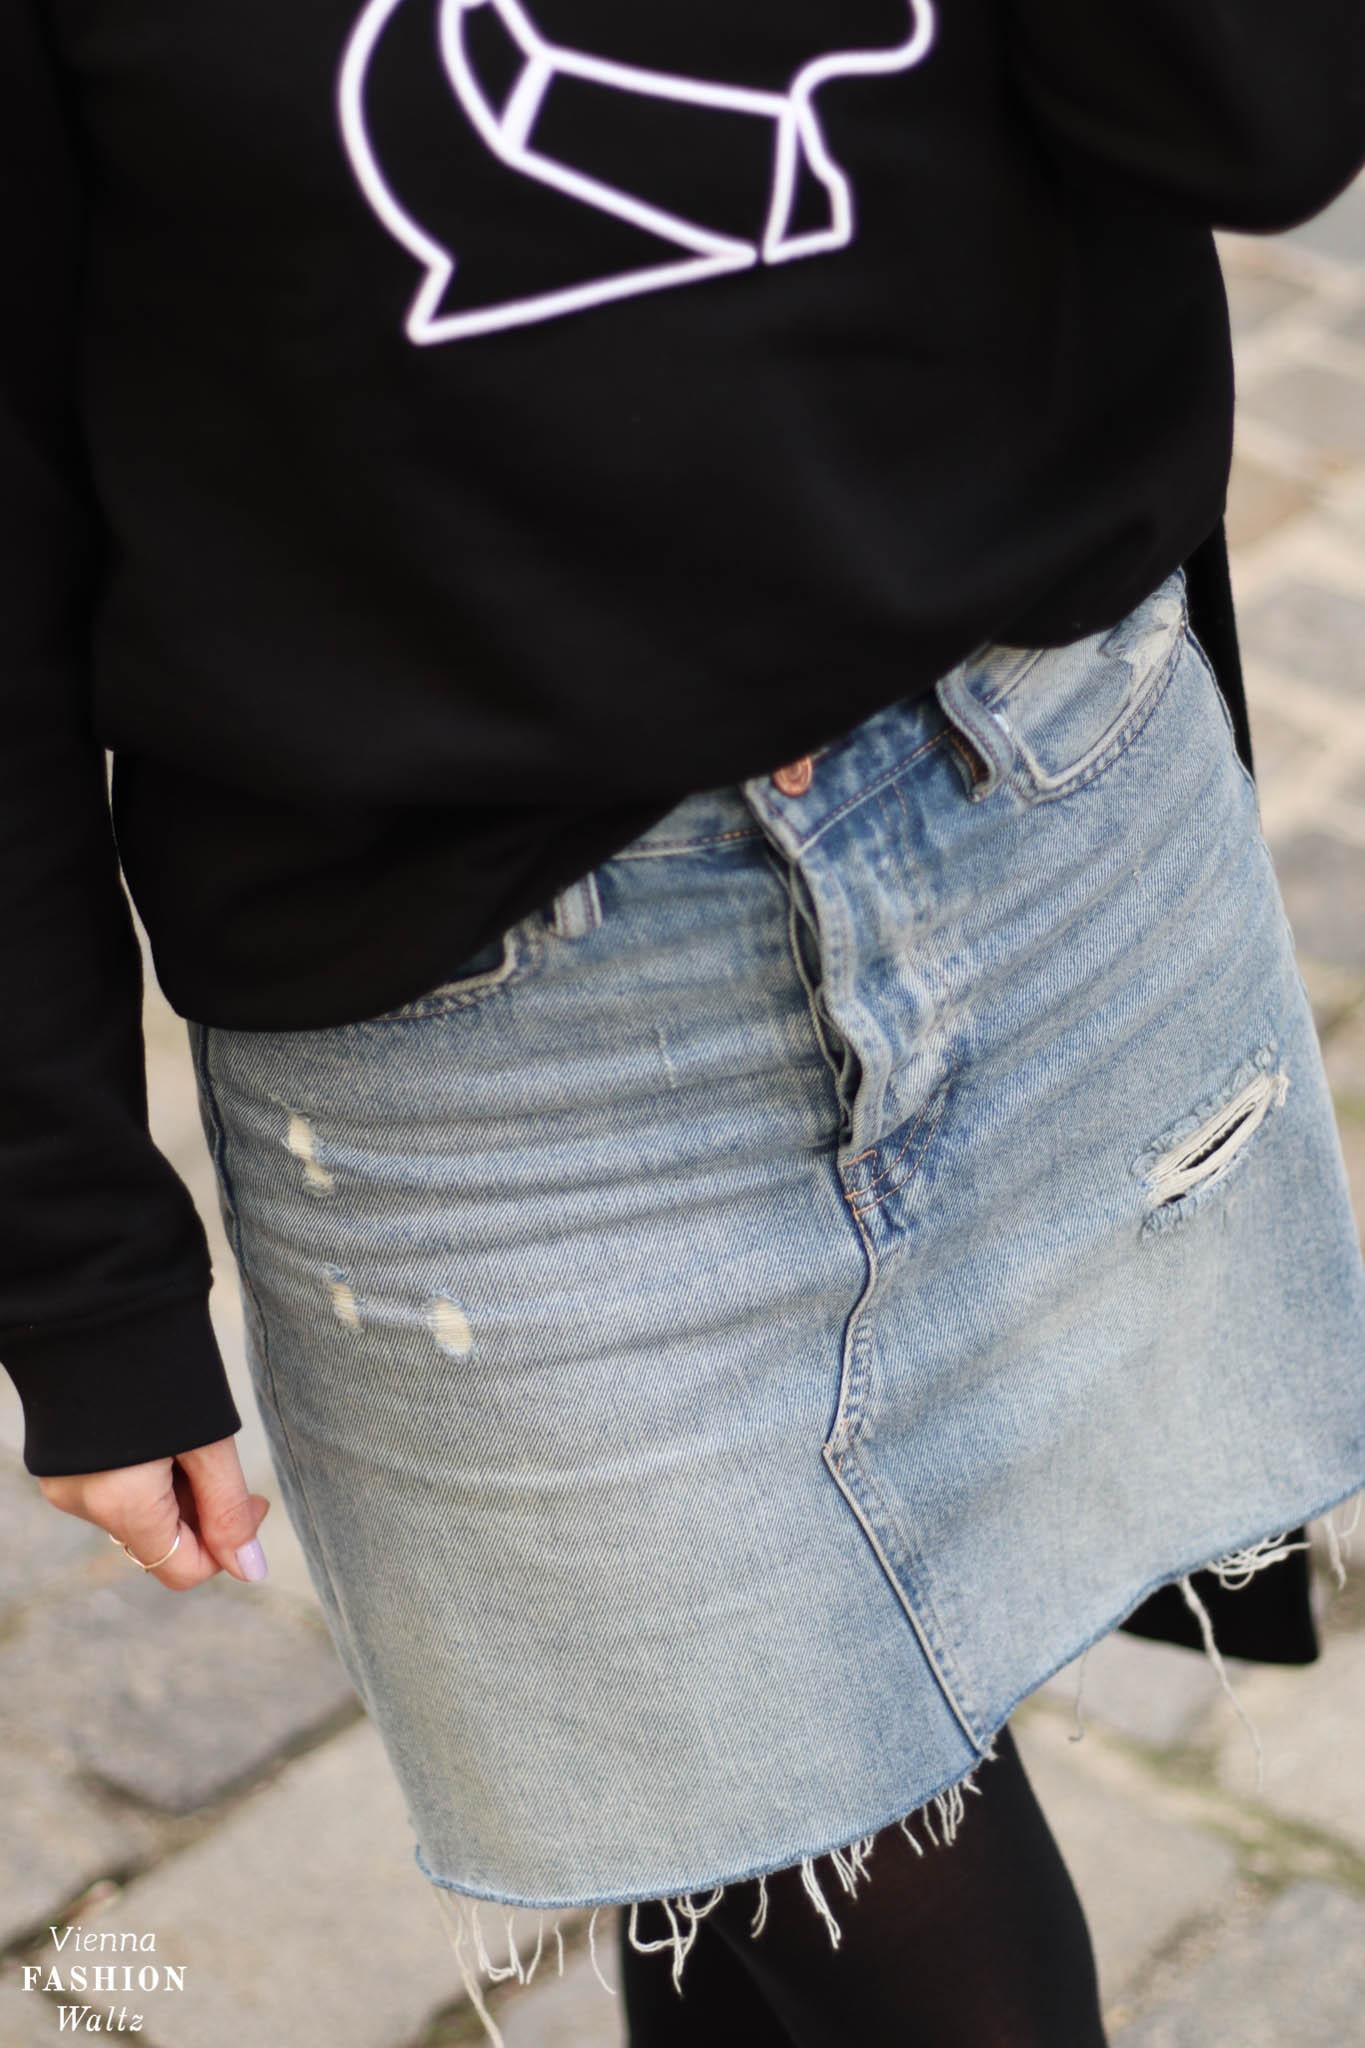 Sweater Weather mit Karl Lagerfeld und H&M Jeansmini, Swarovski Brille Falke Strumpfhose Blog